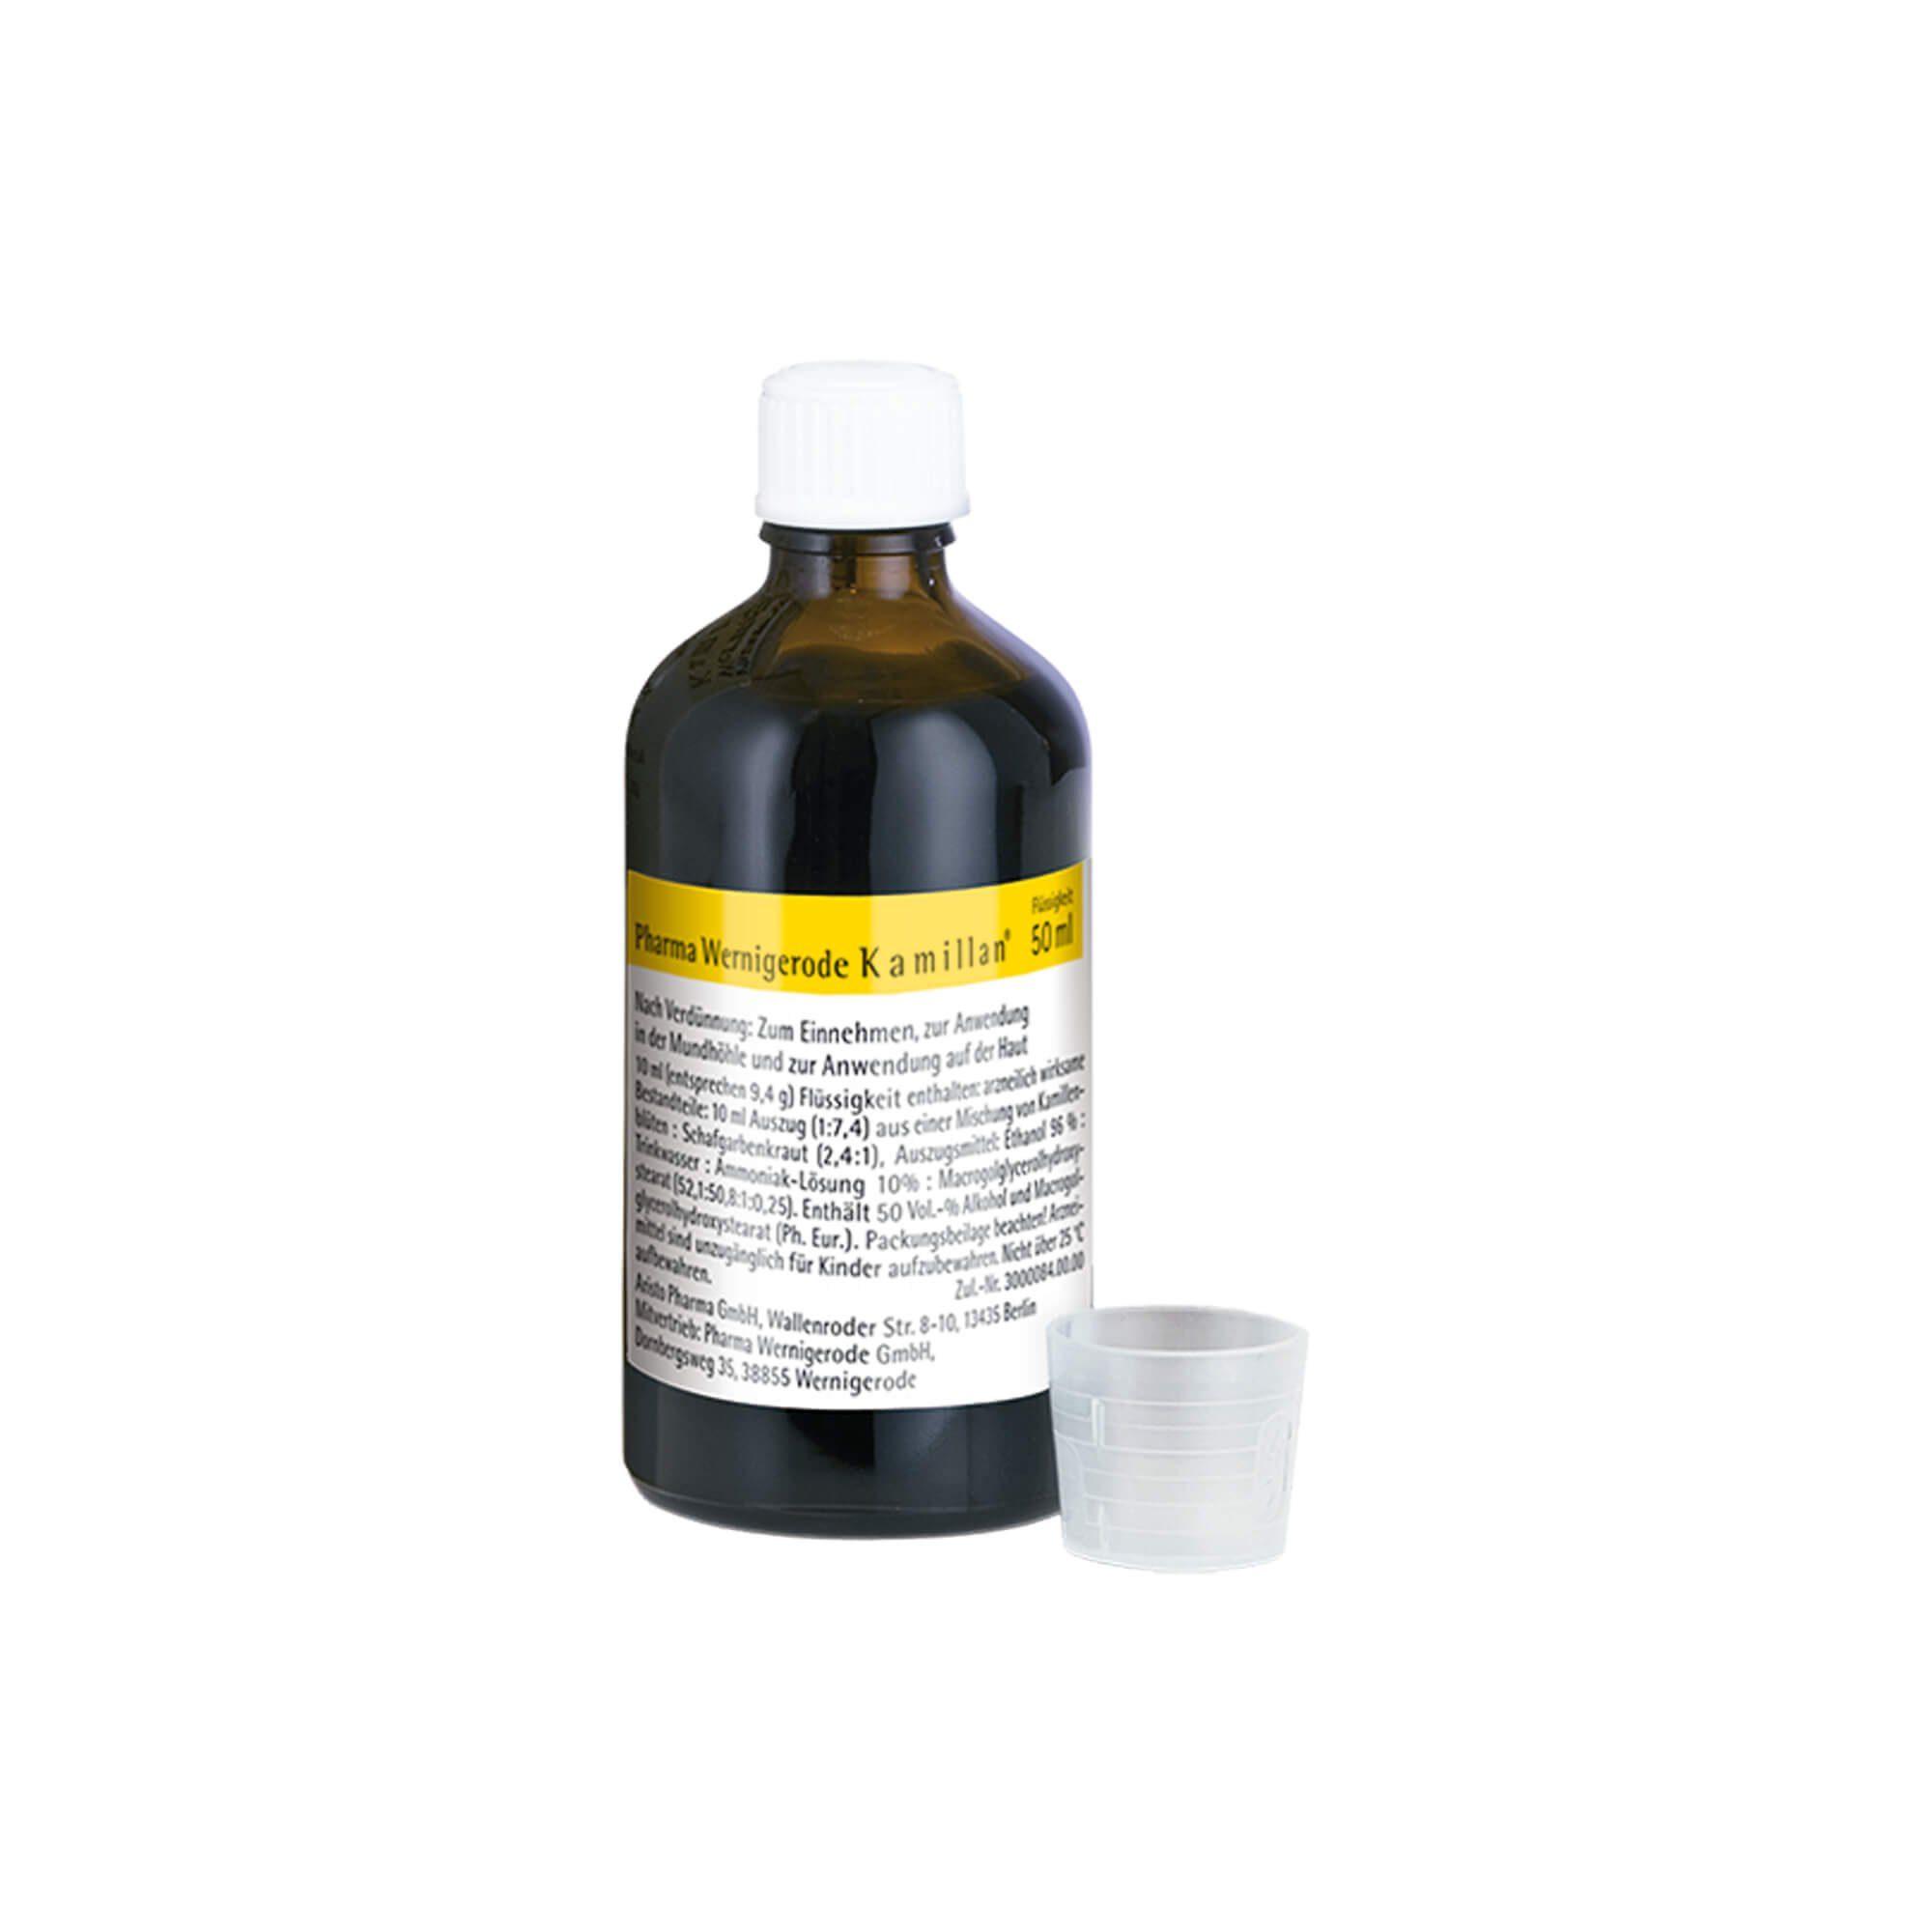 Kamillan Flüssigkeit, 50 ml